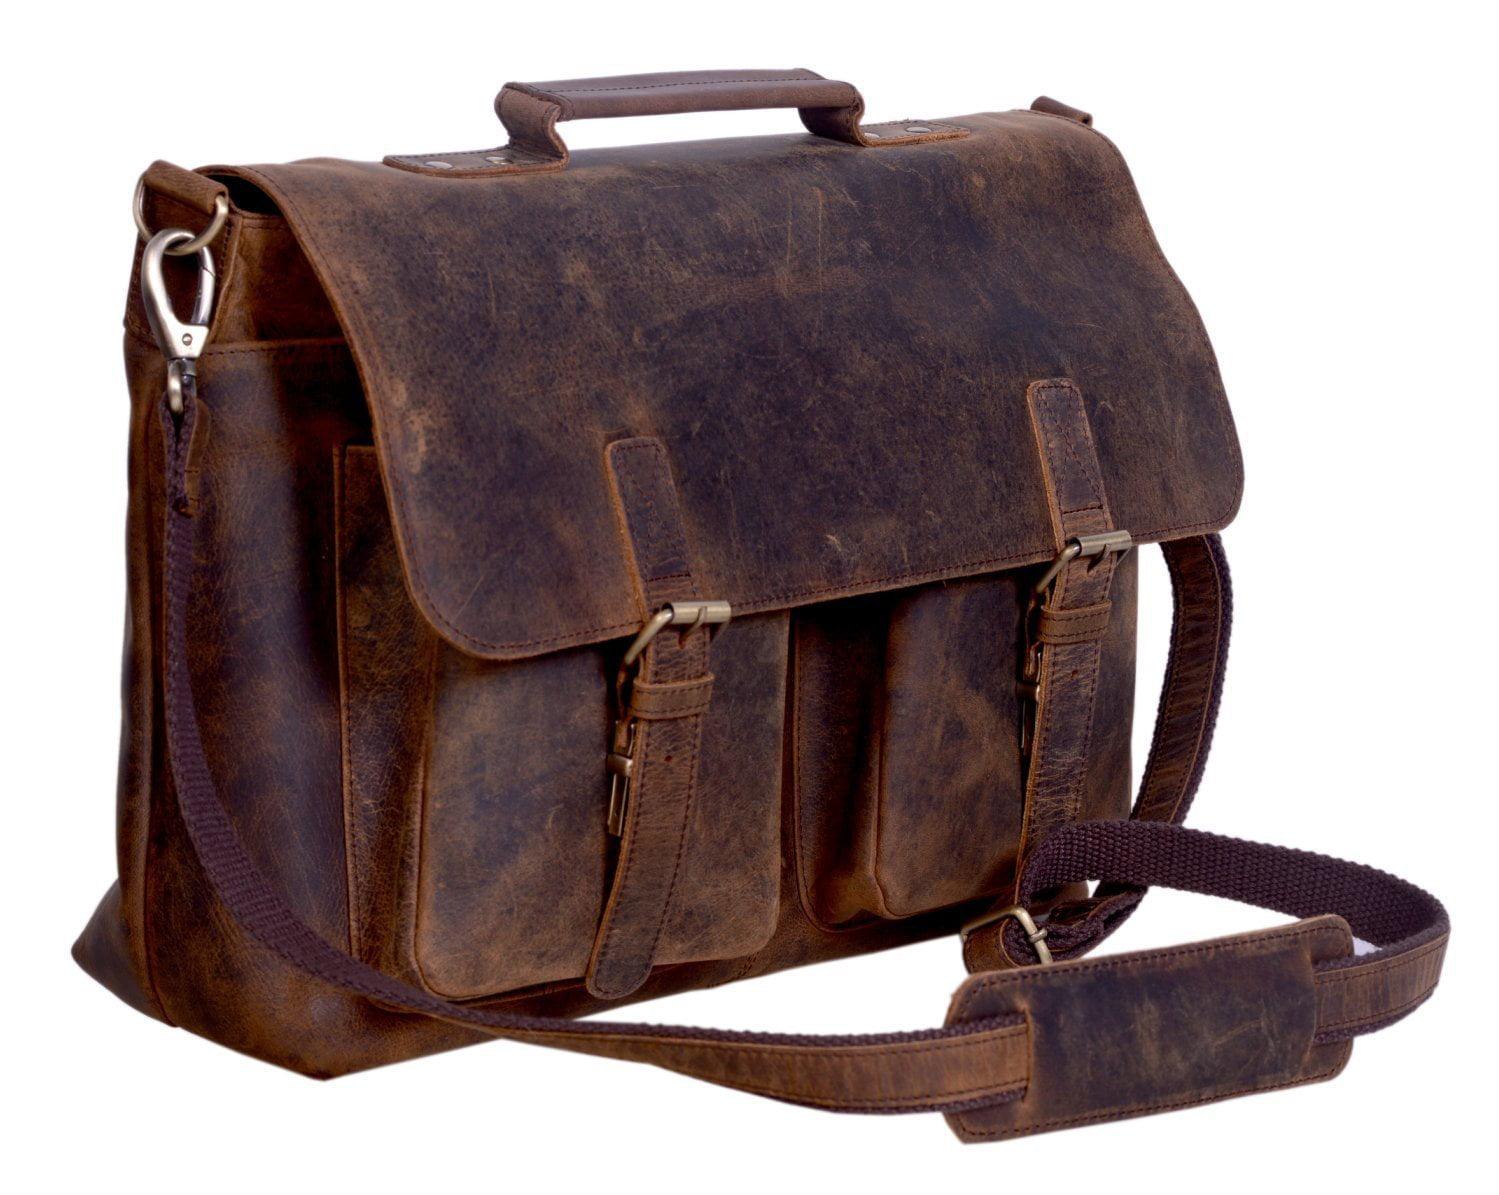 Komalc 18 Inch Buffalo Leather